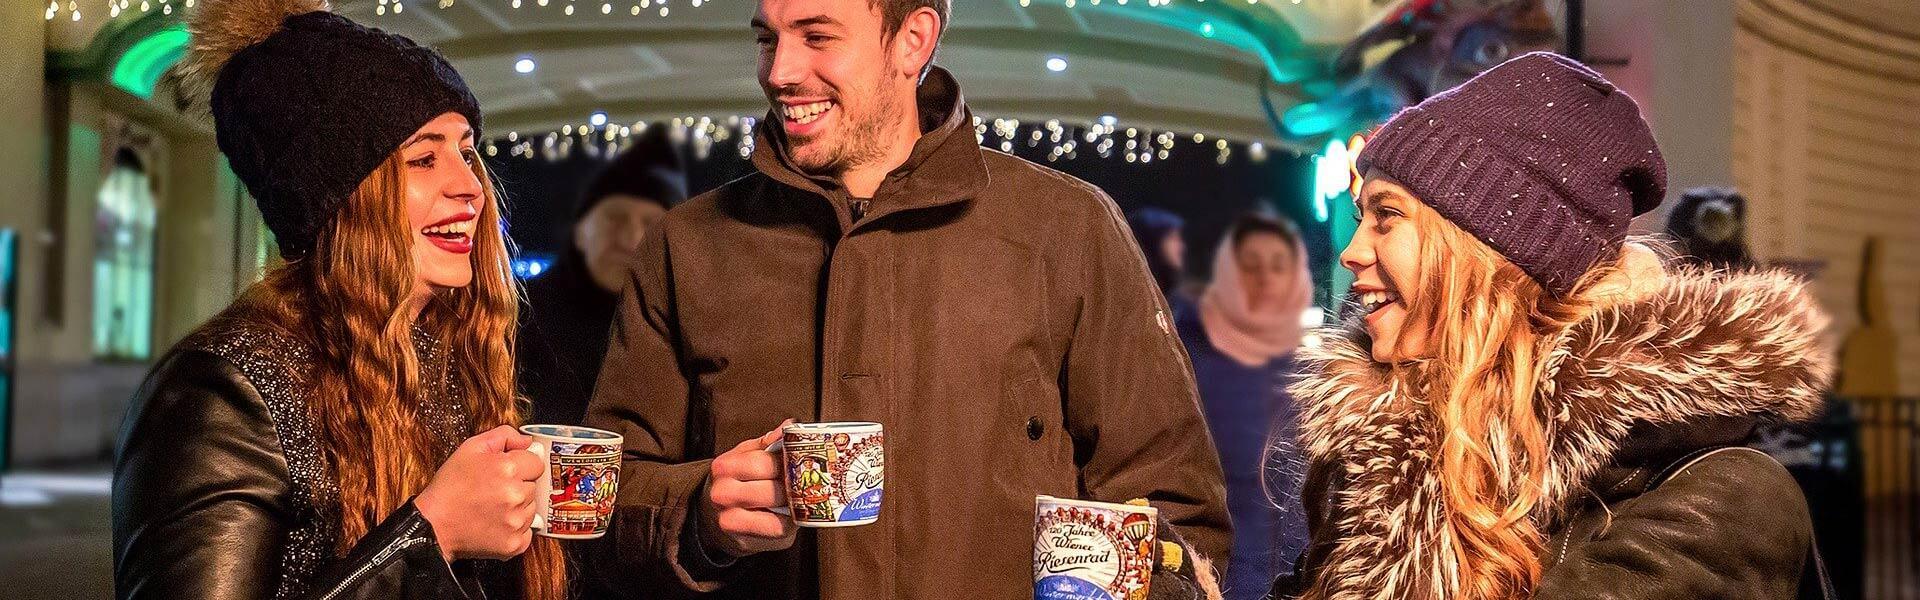 Weihnachtsfeier Ideen Weihnachtsmarkt Rallye mit b-ceed events